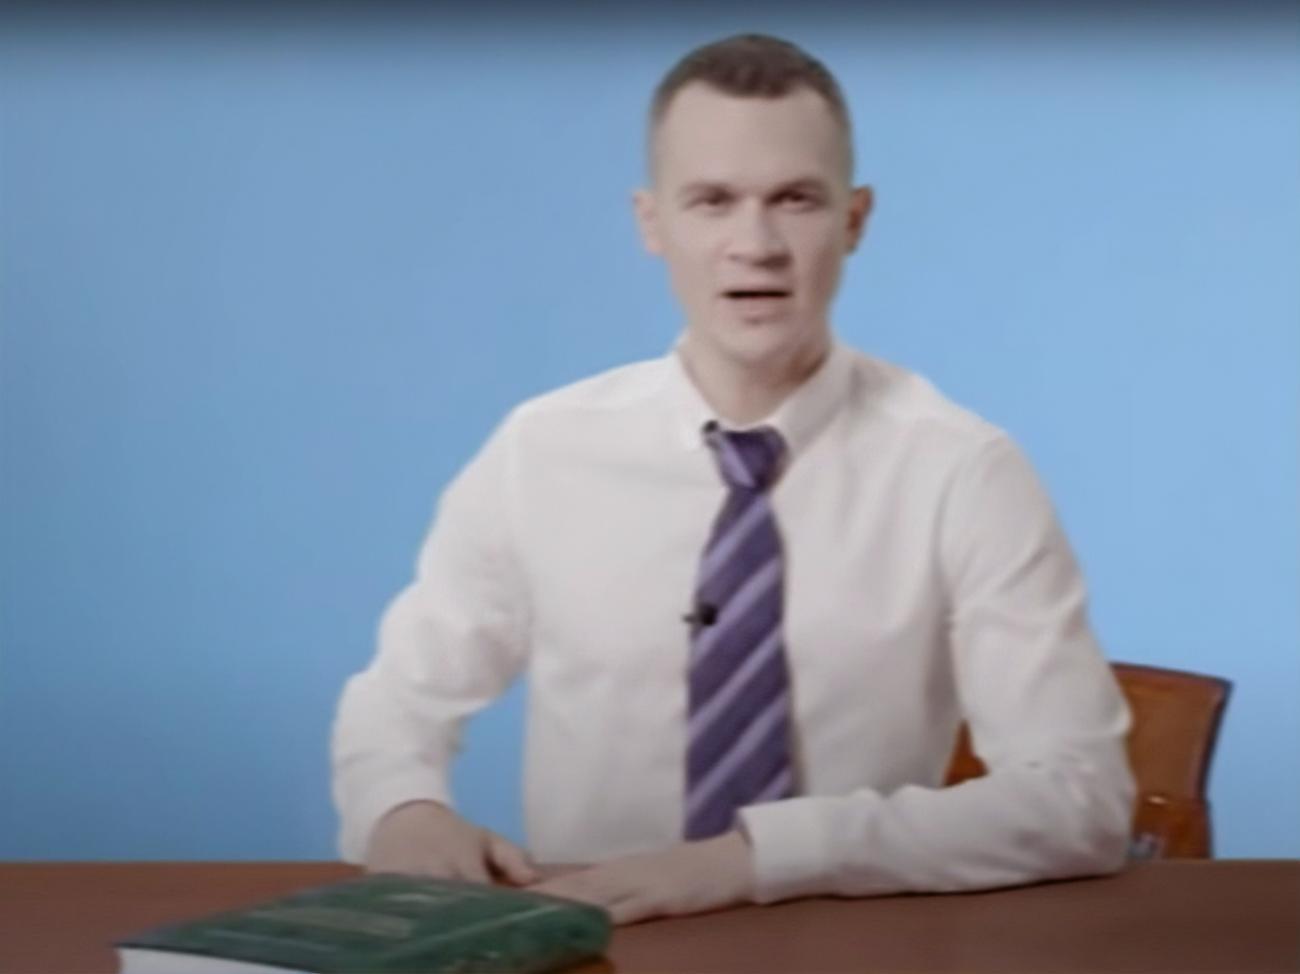 Кучер снял пародию на знаменитый ролик Добкина и Кернеса. Видео / ГОРДОН